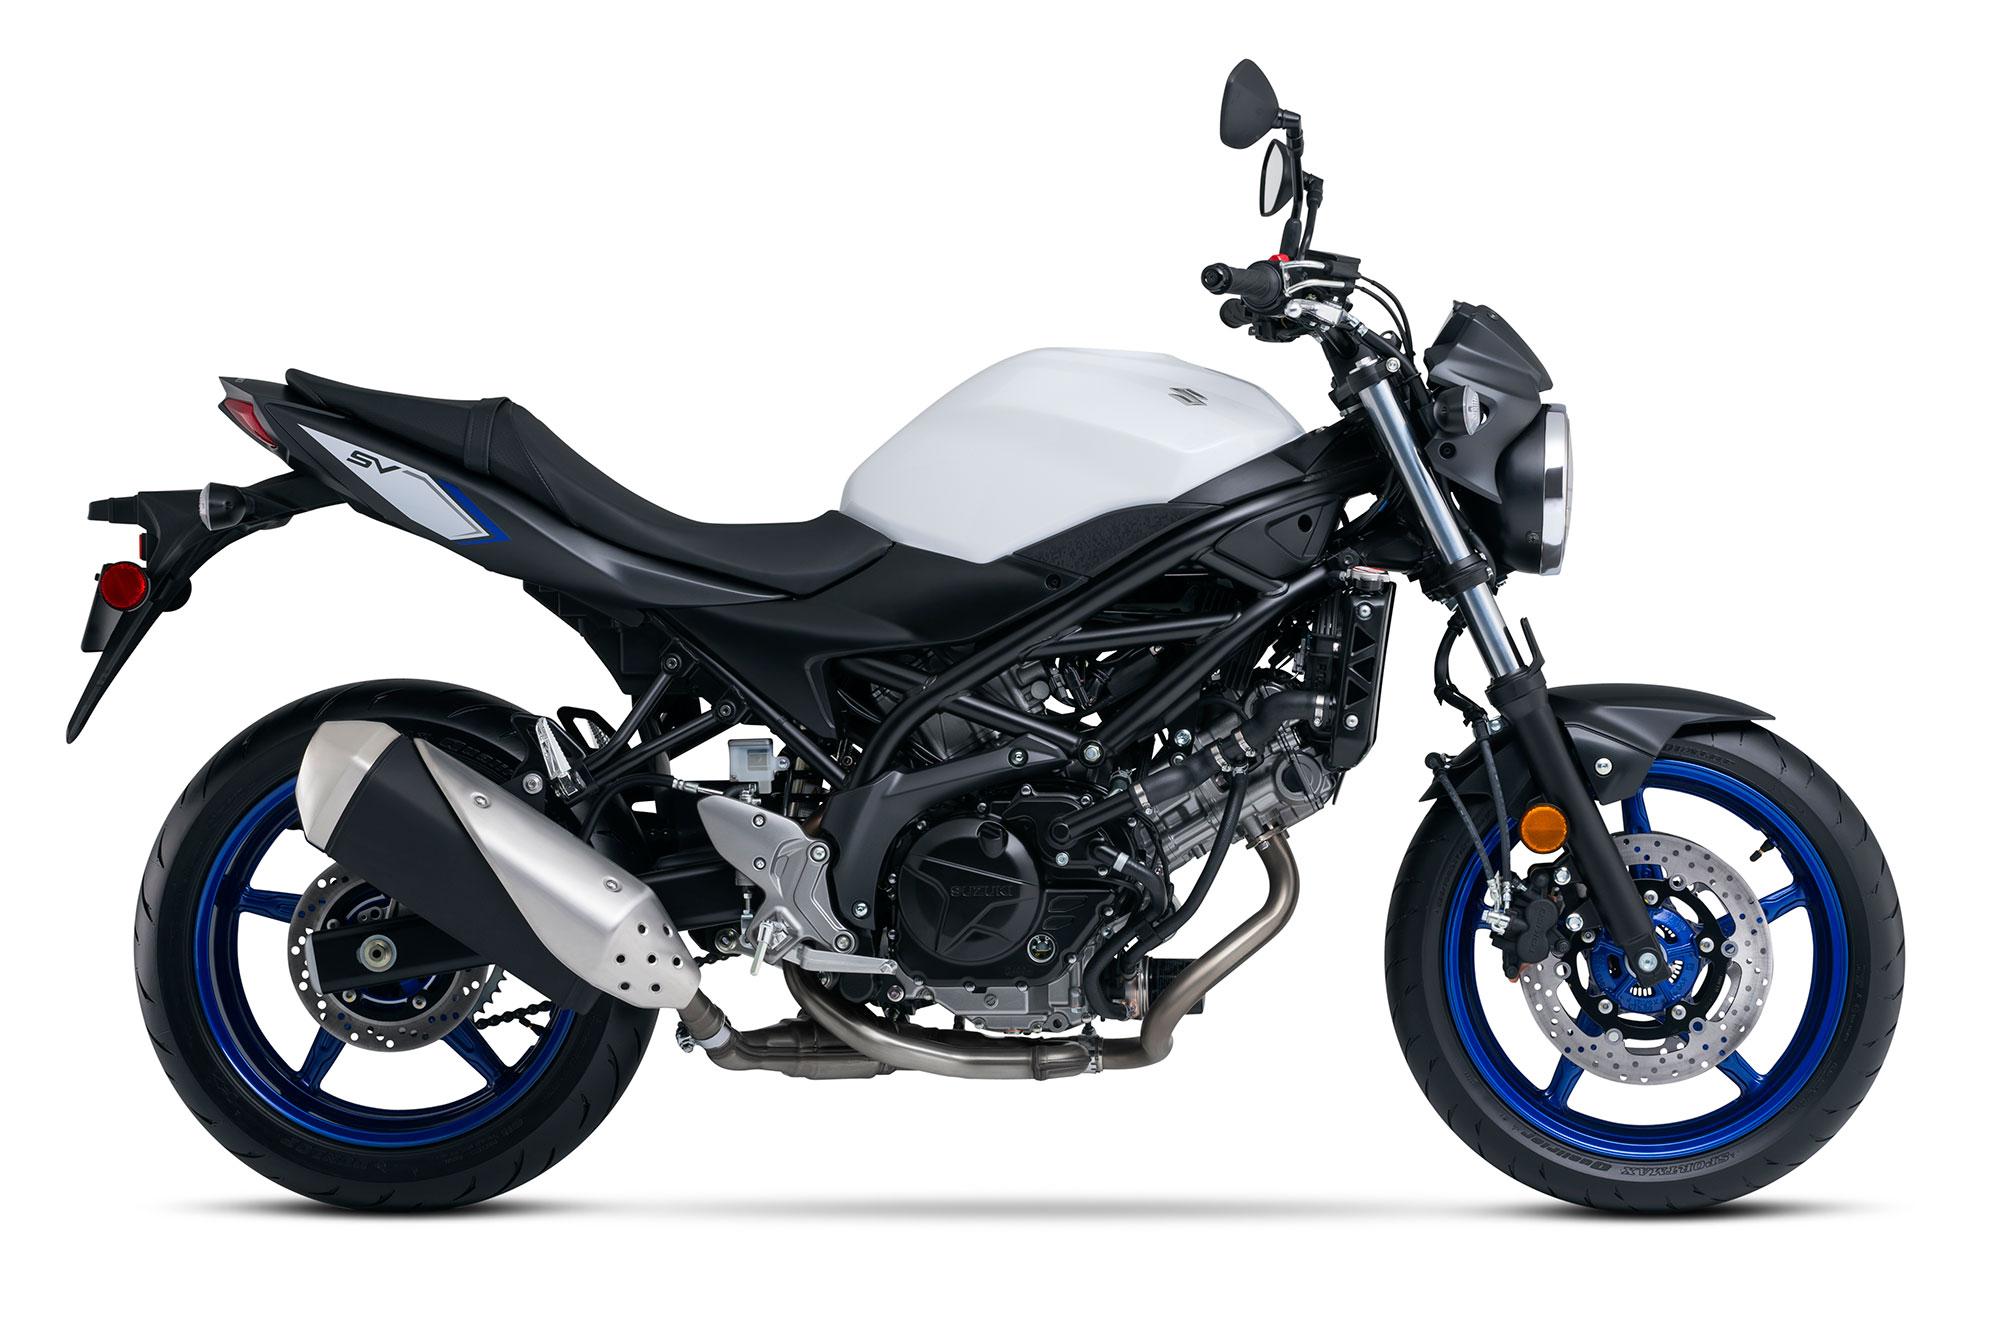 2017 suzuki sv650 md first ride motorcycledaily